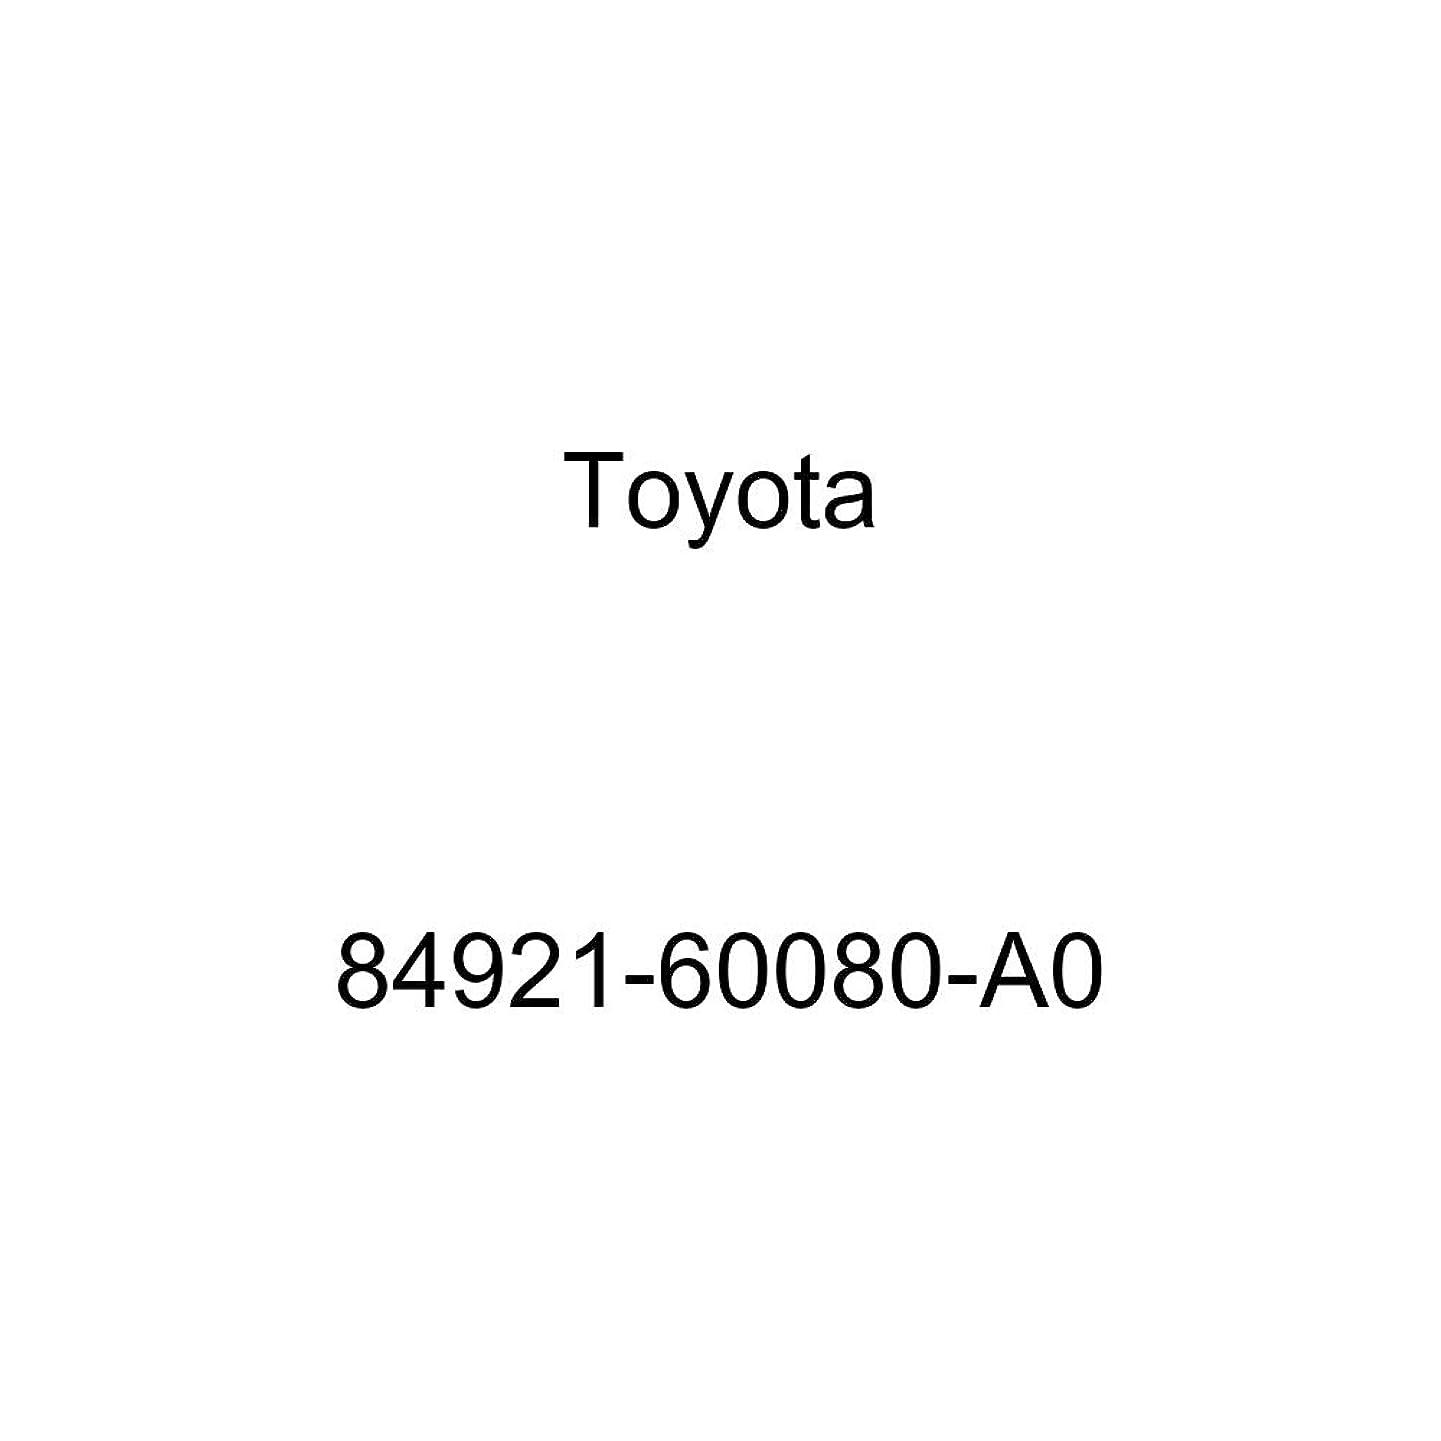 Toyota 84921-60080-A0 Power Seat Switch Knob